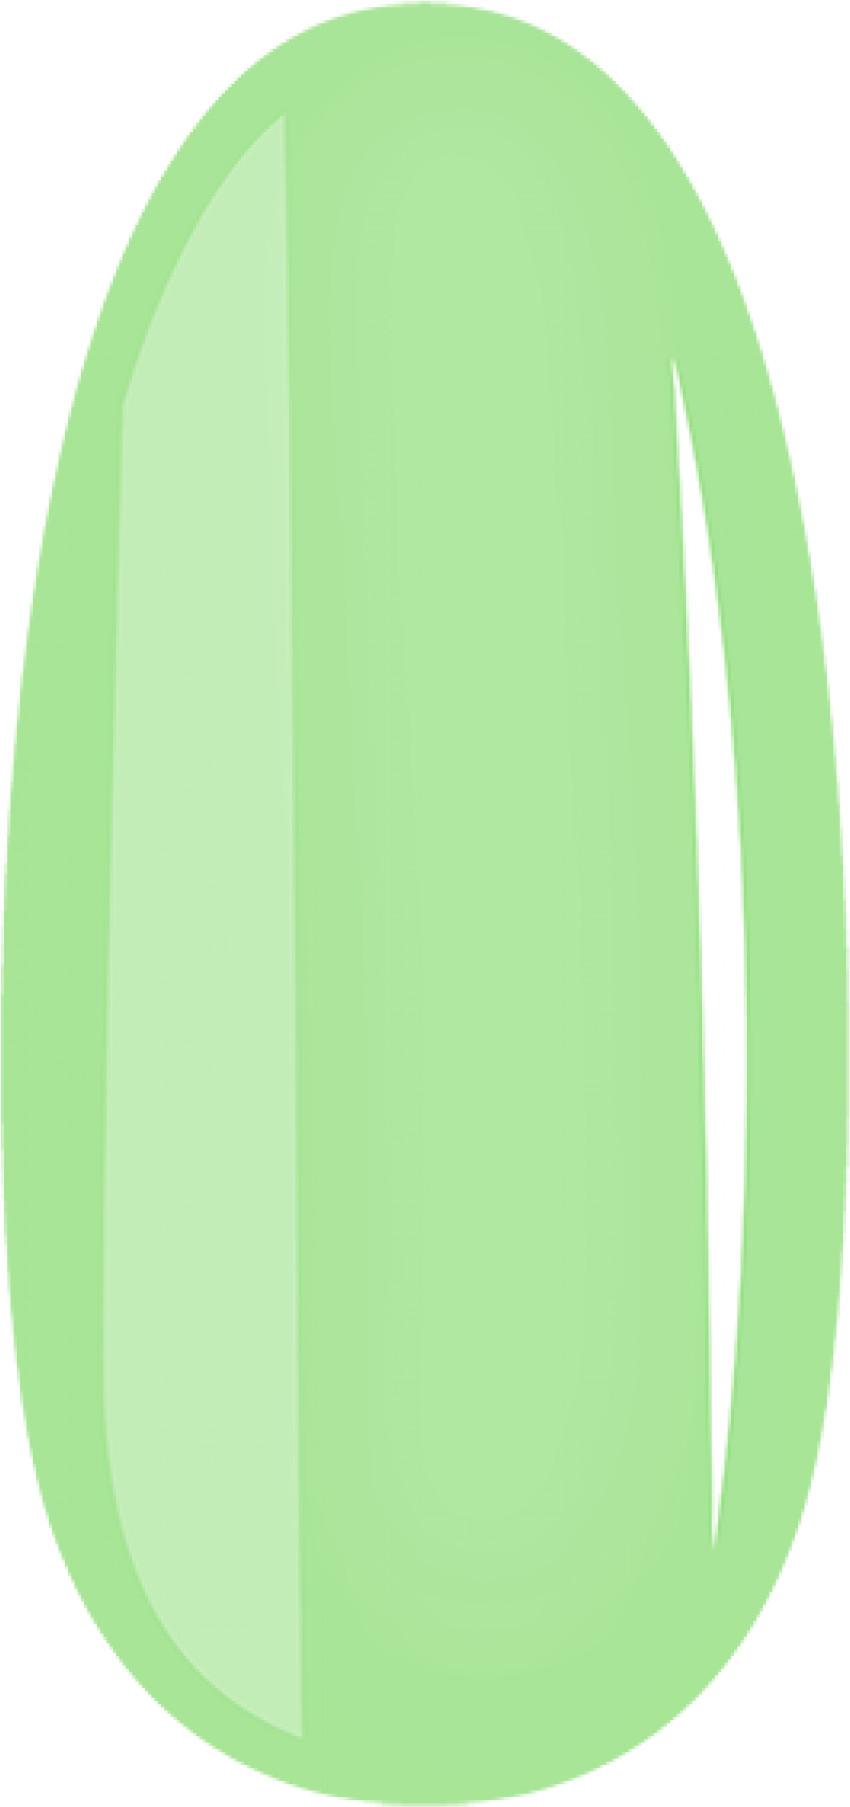 DUOGEL DUOGEL 108 Mint - lakier hybrydowy 6ml 10177-uniw